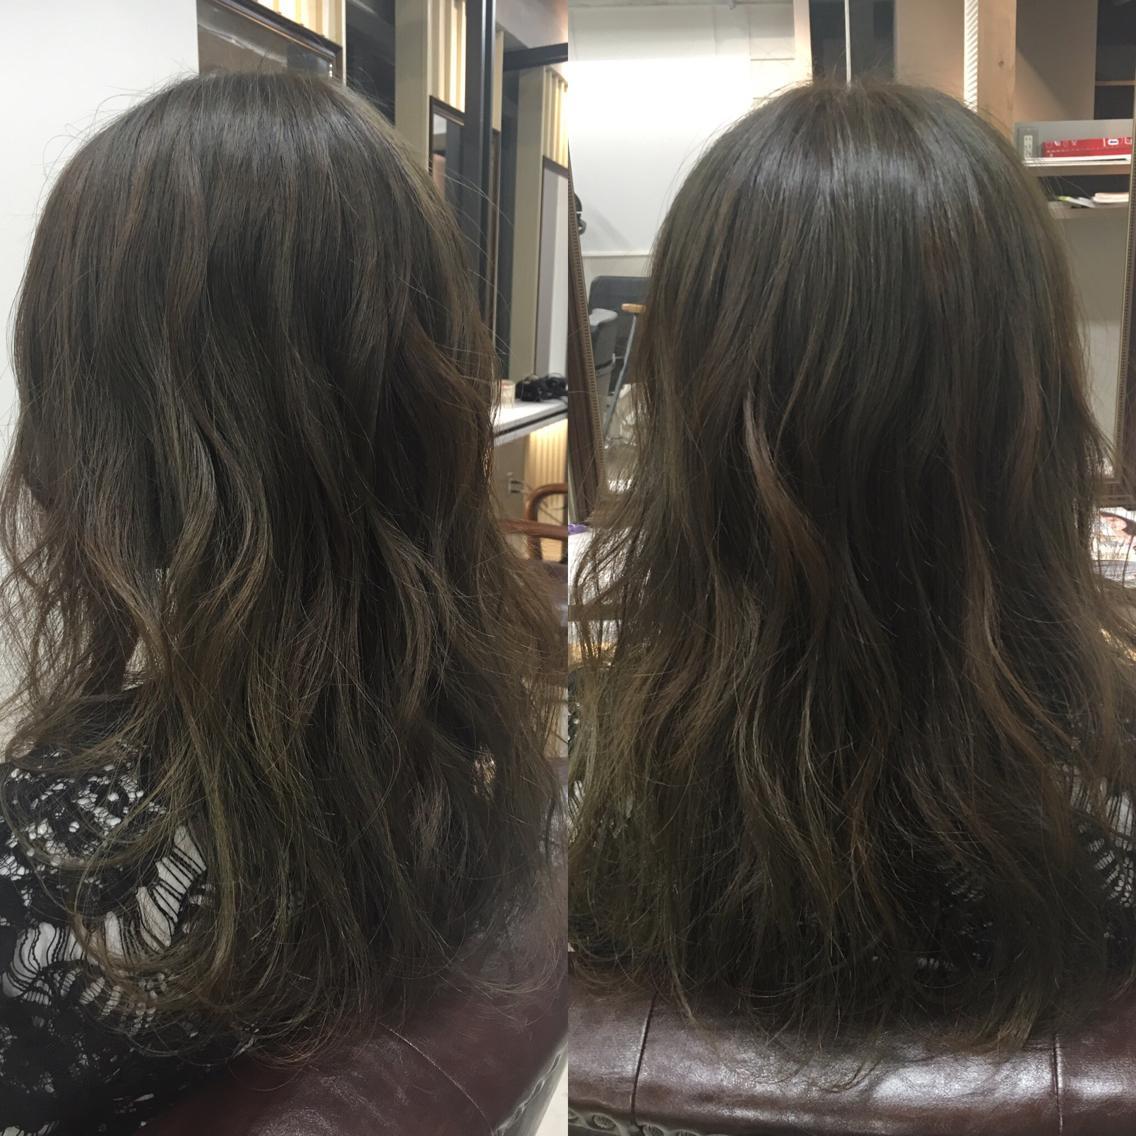 #セミロング #カラー 少し暗めのオリーブグレージュ  染める前の髪色が明るければ透明感だせますよー!